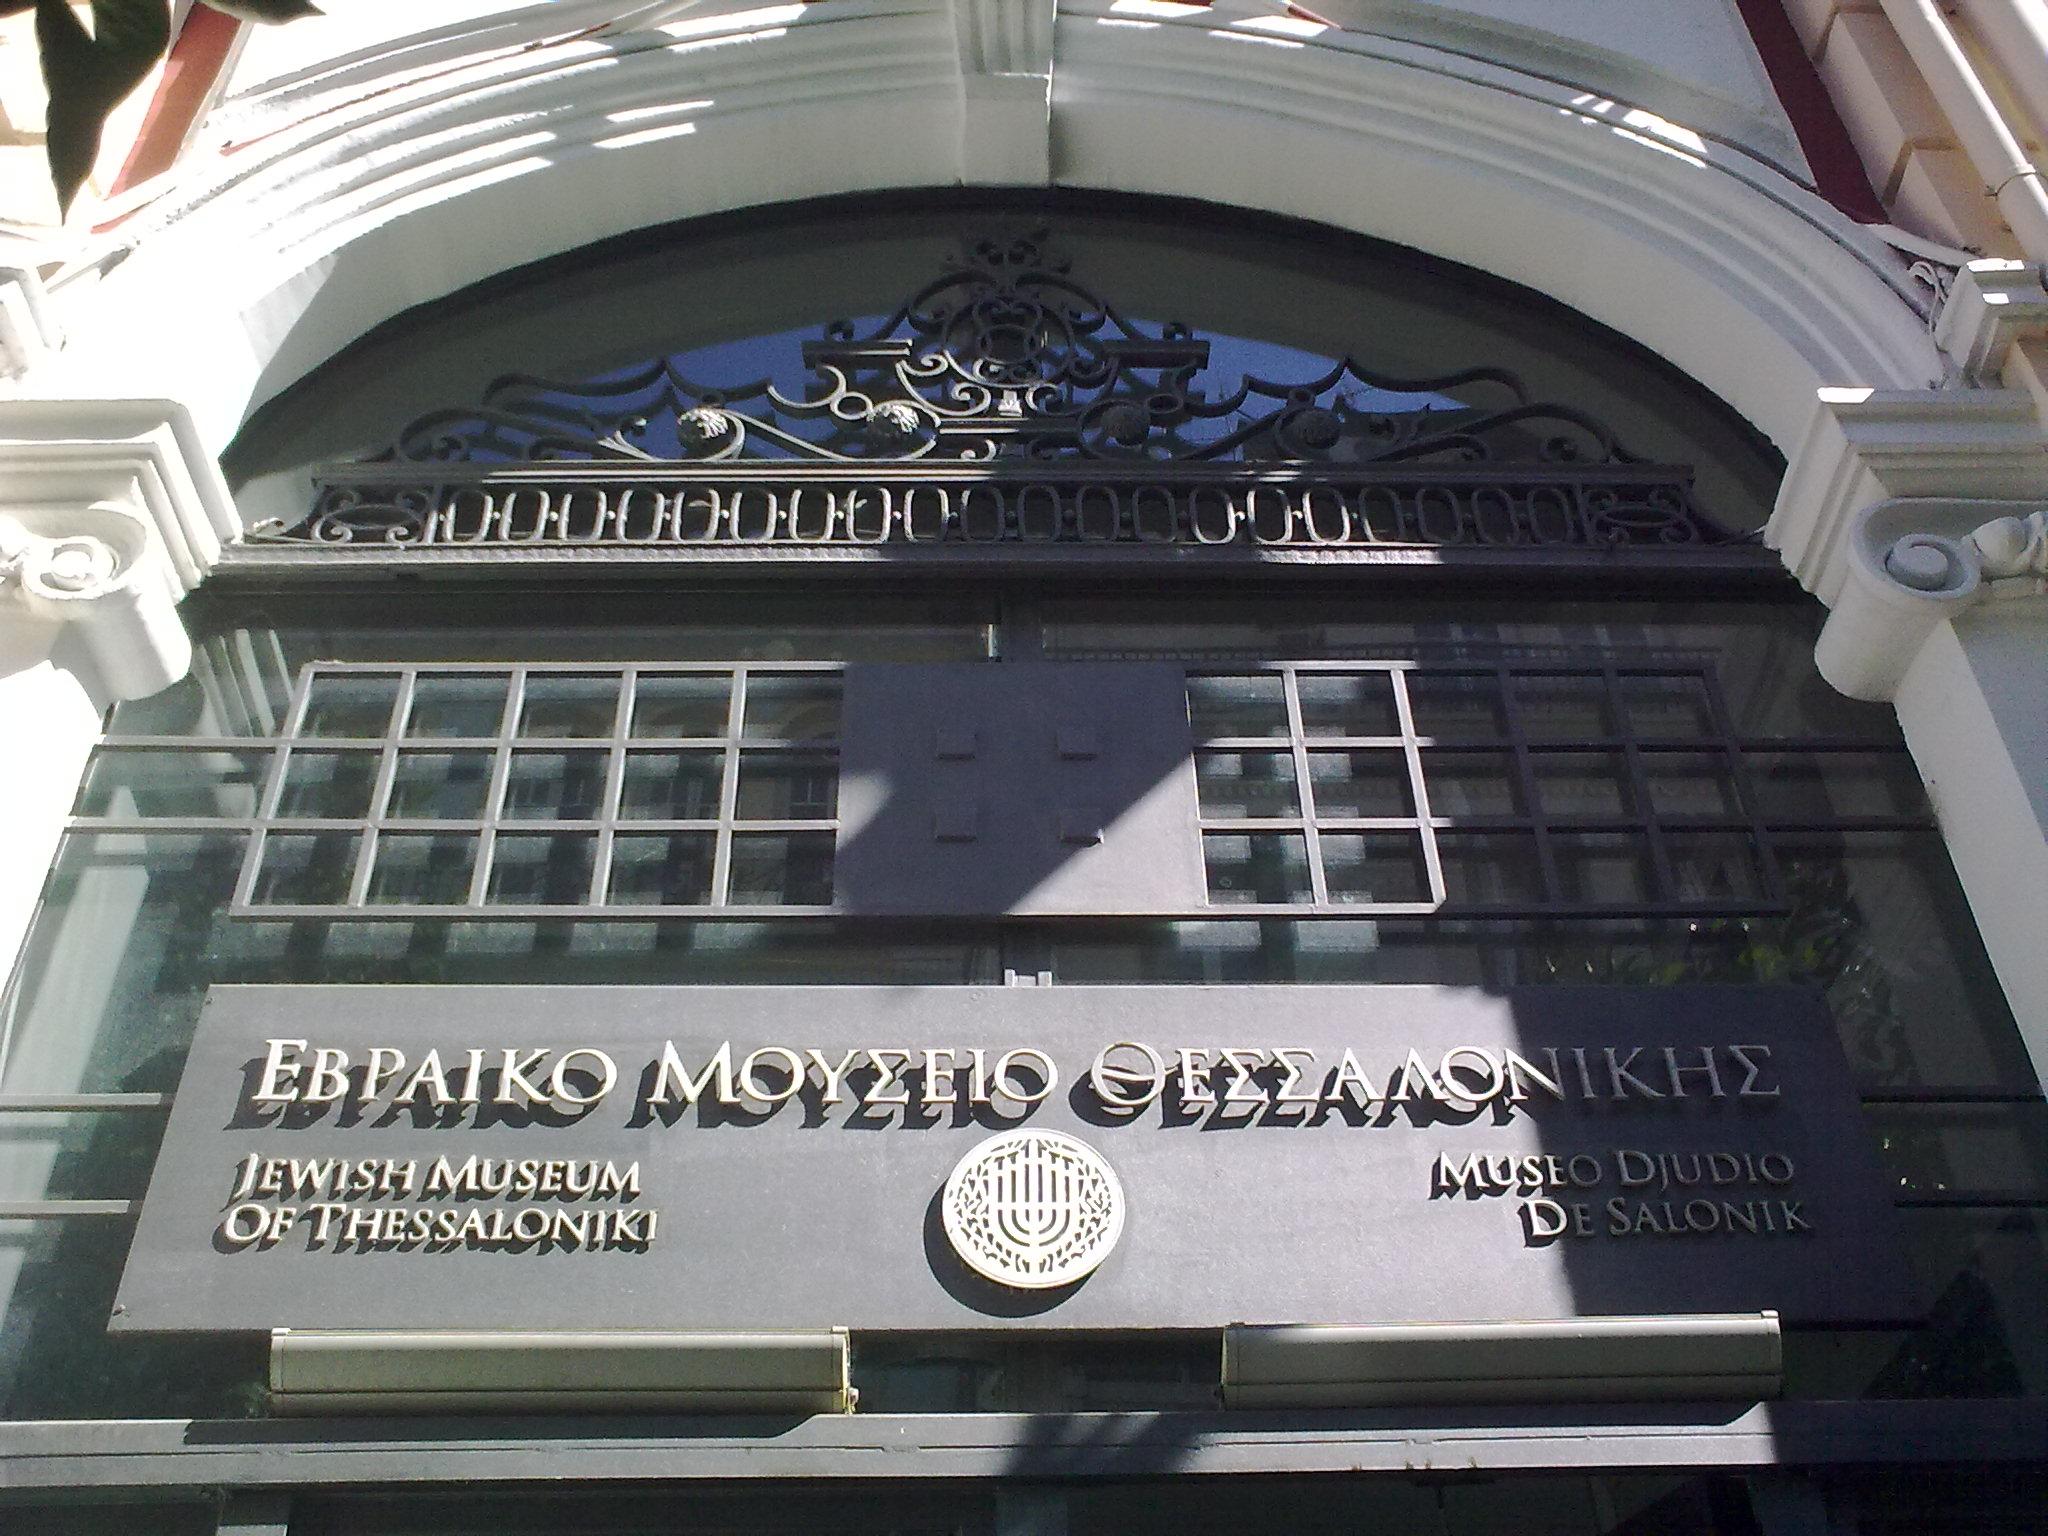 Κέντρο Ιστορικής Διαδρομής Εβραϊσμού Θεσσαλονίκης